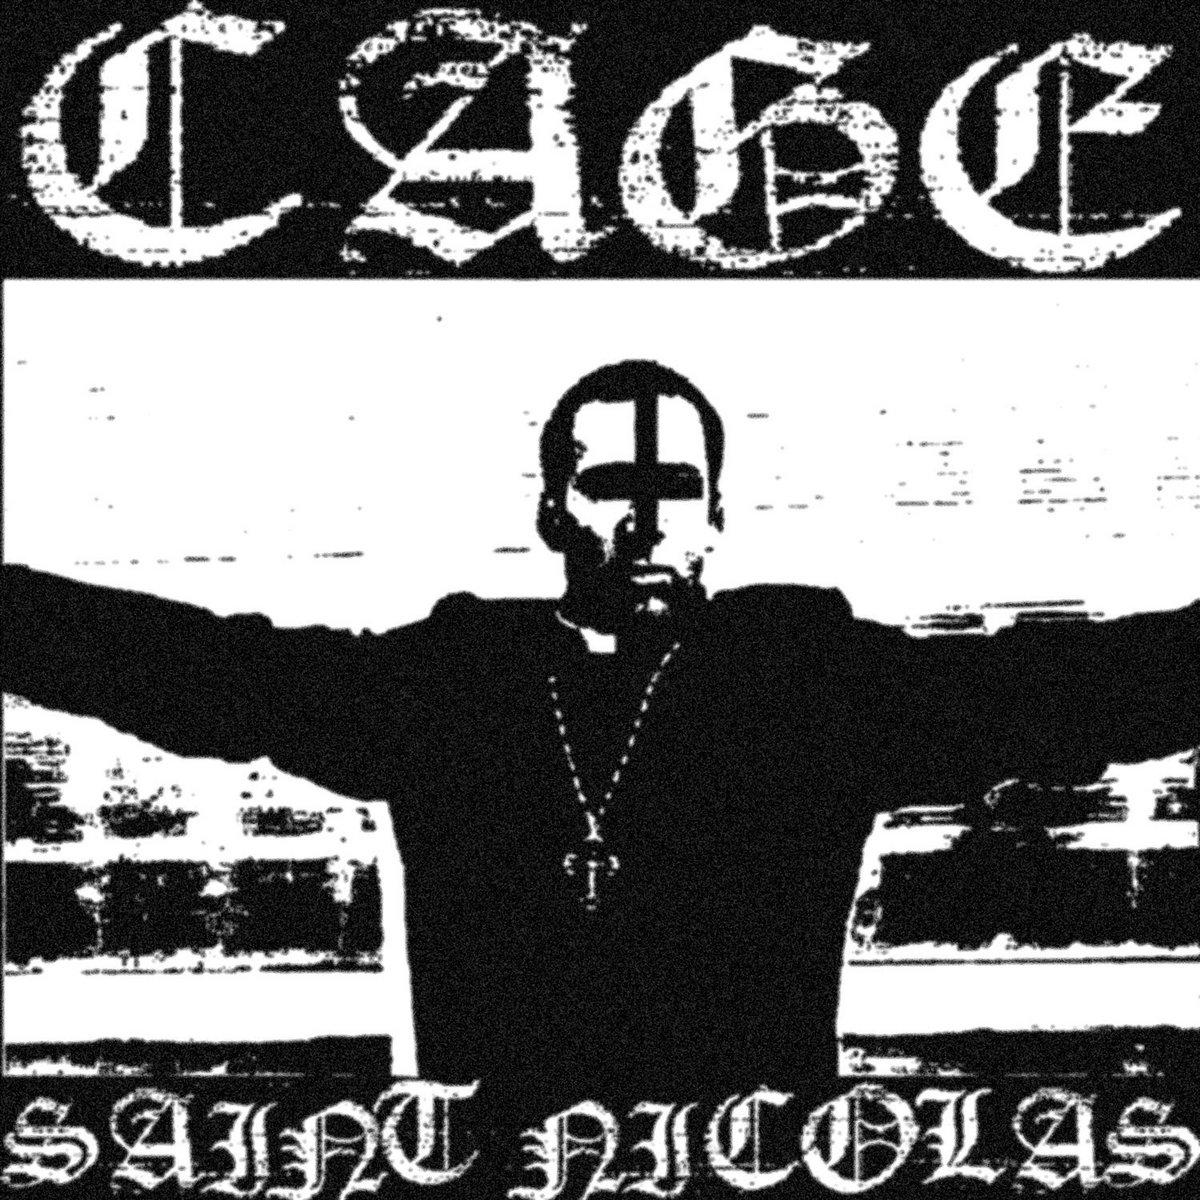 CAGE - Nicolas Cage GRIND A1738275832_10